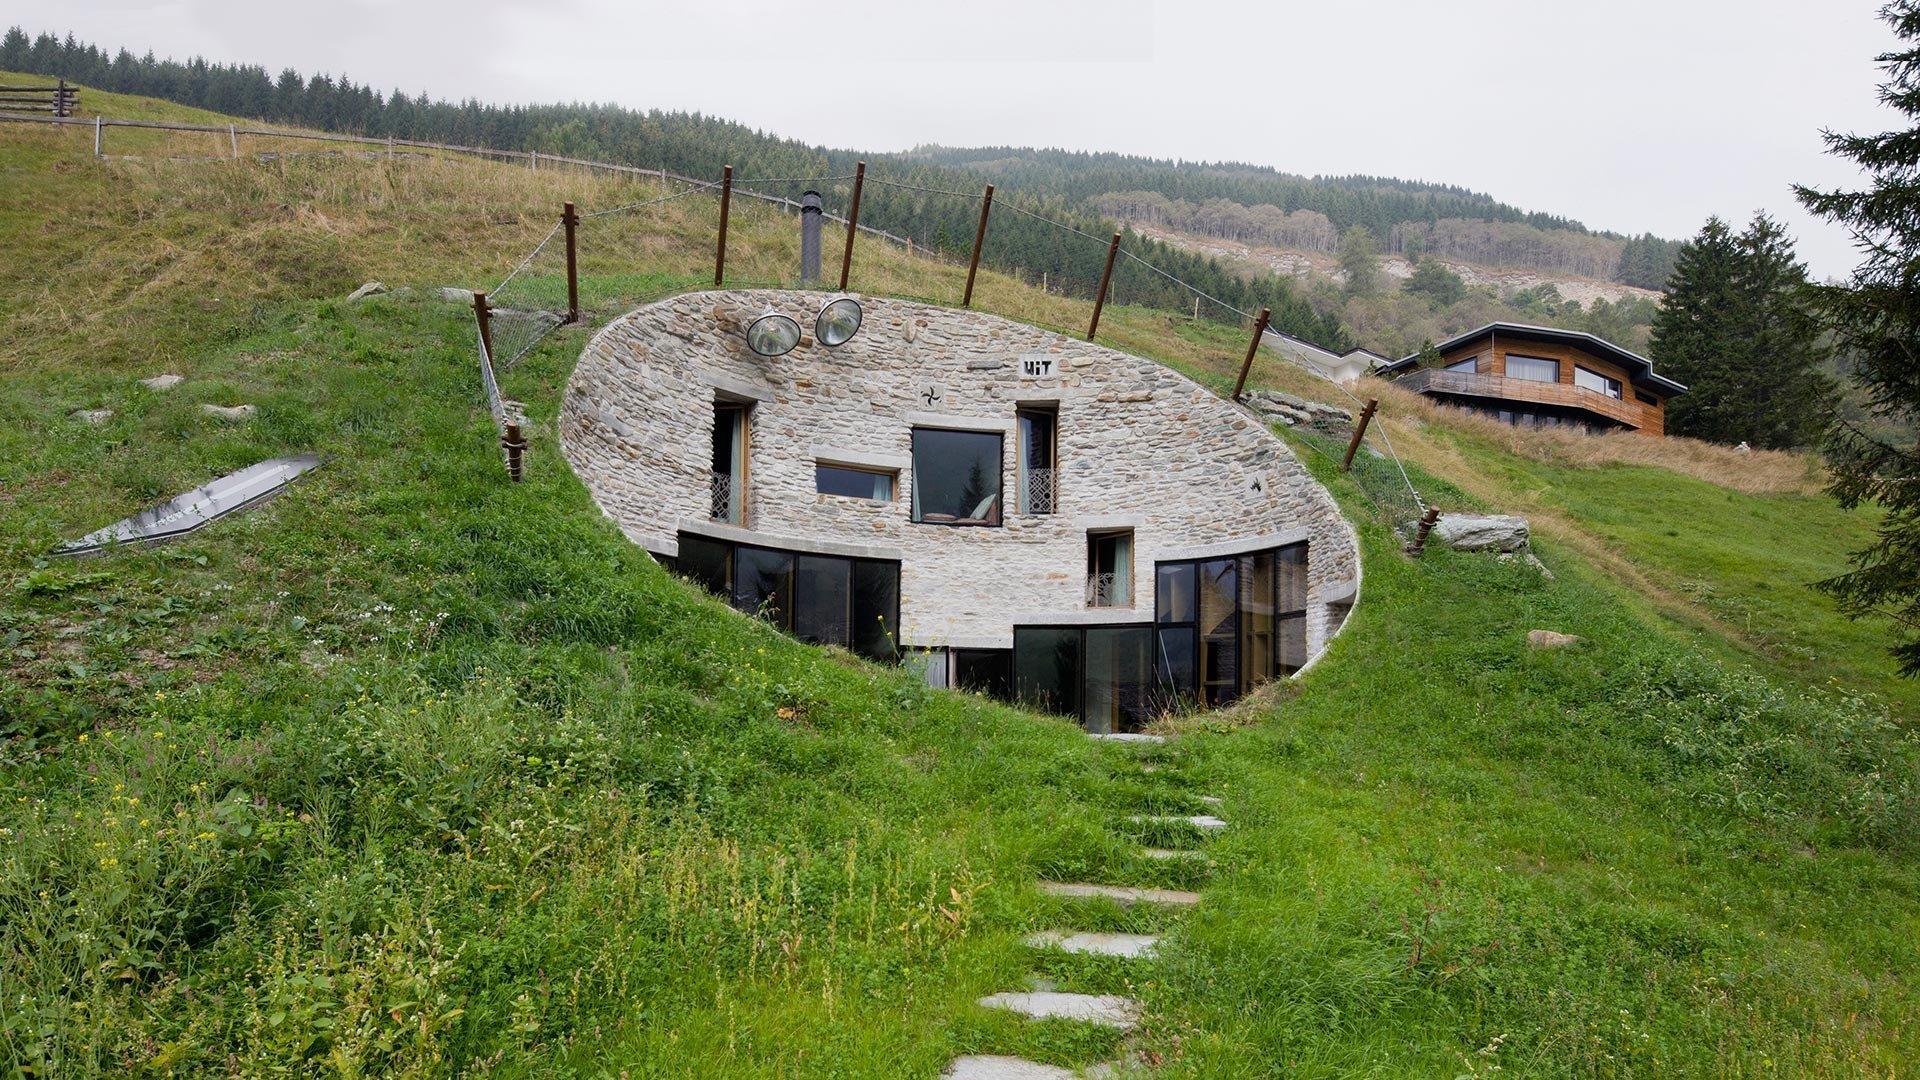 Dům pod zemí? Ano pojďte nakouknout!